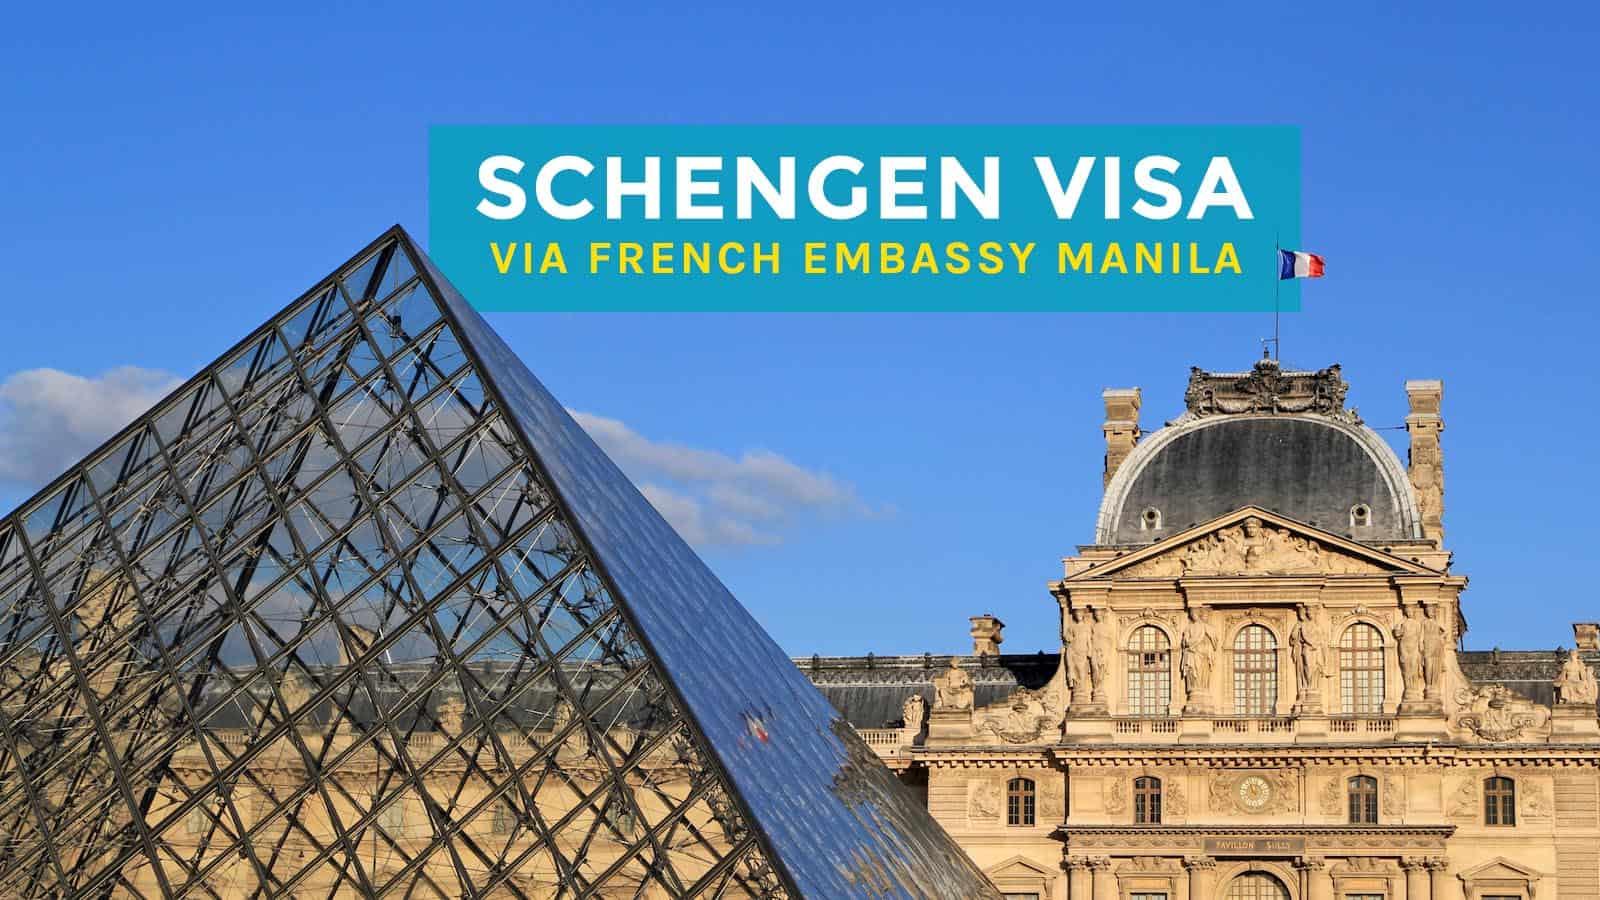 如何通过法国大使馆申请申根签证   穷游者的行程博客